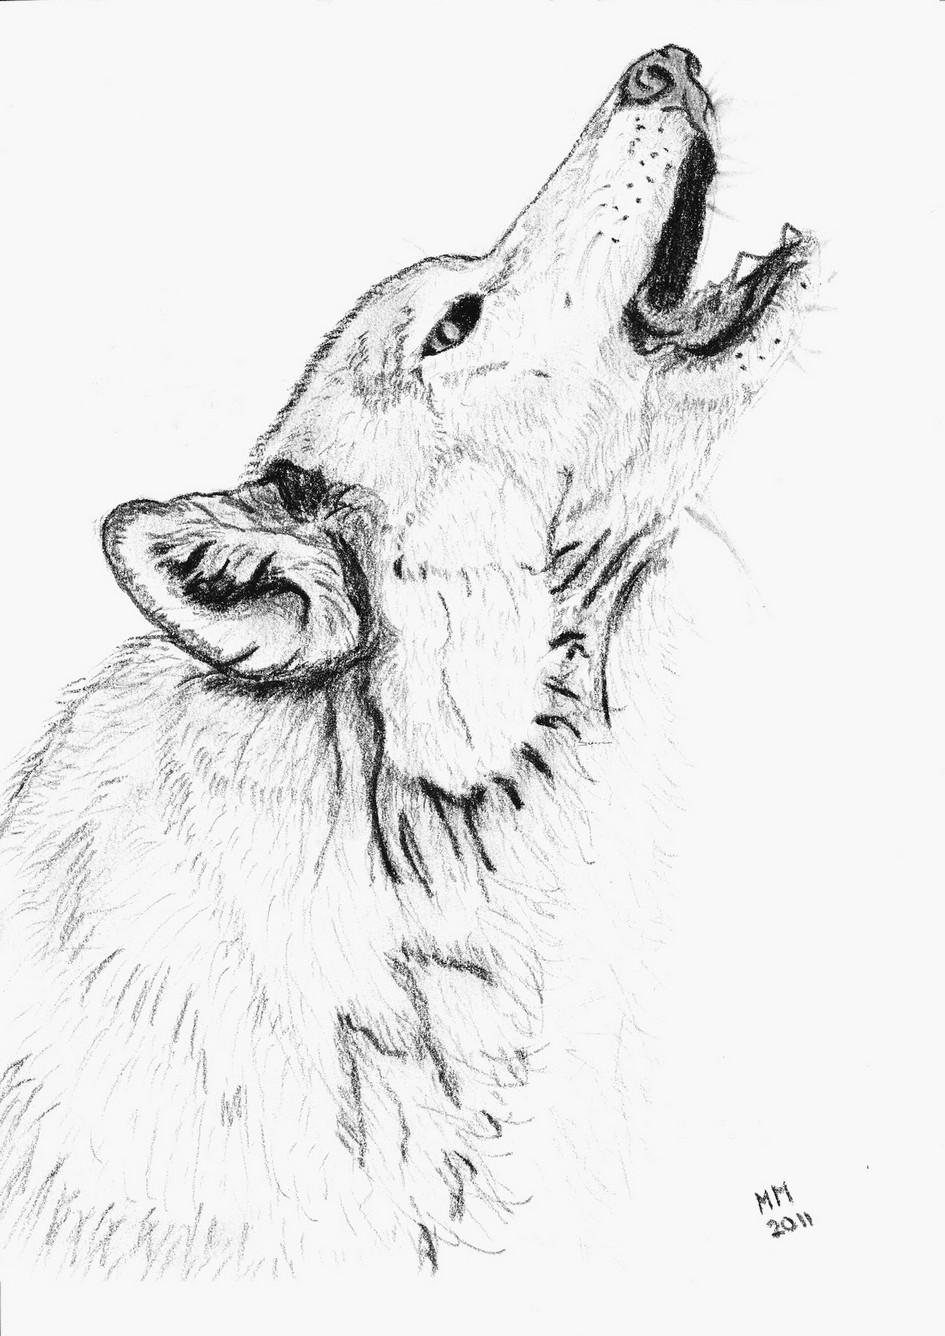 meilleur Coloriage De Loup dessin - Lesgenissesdanslmais